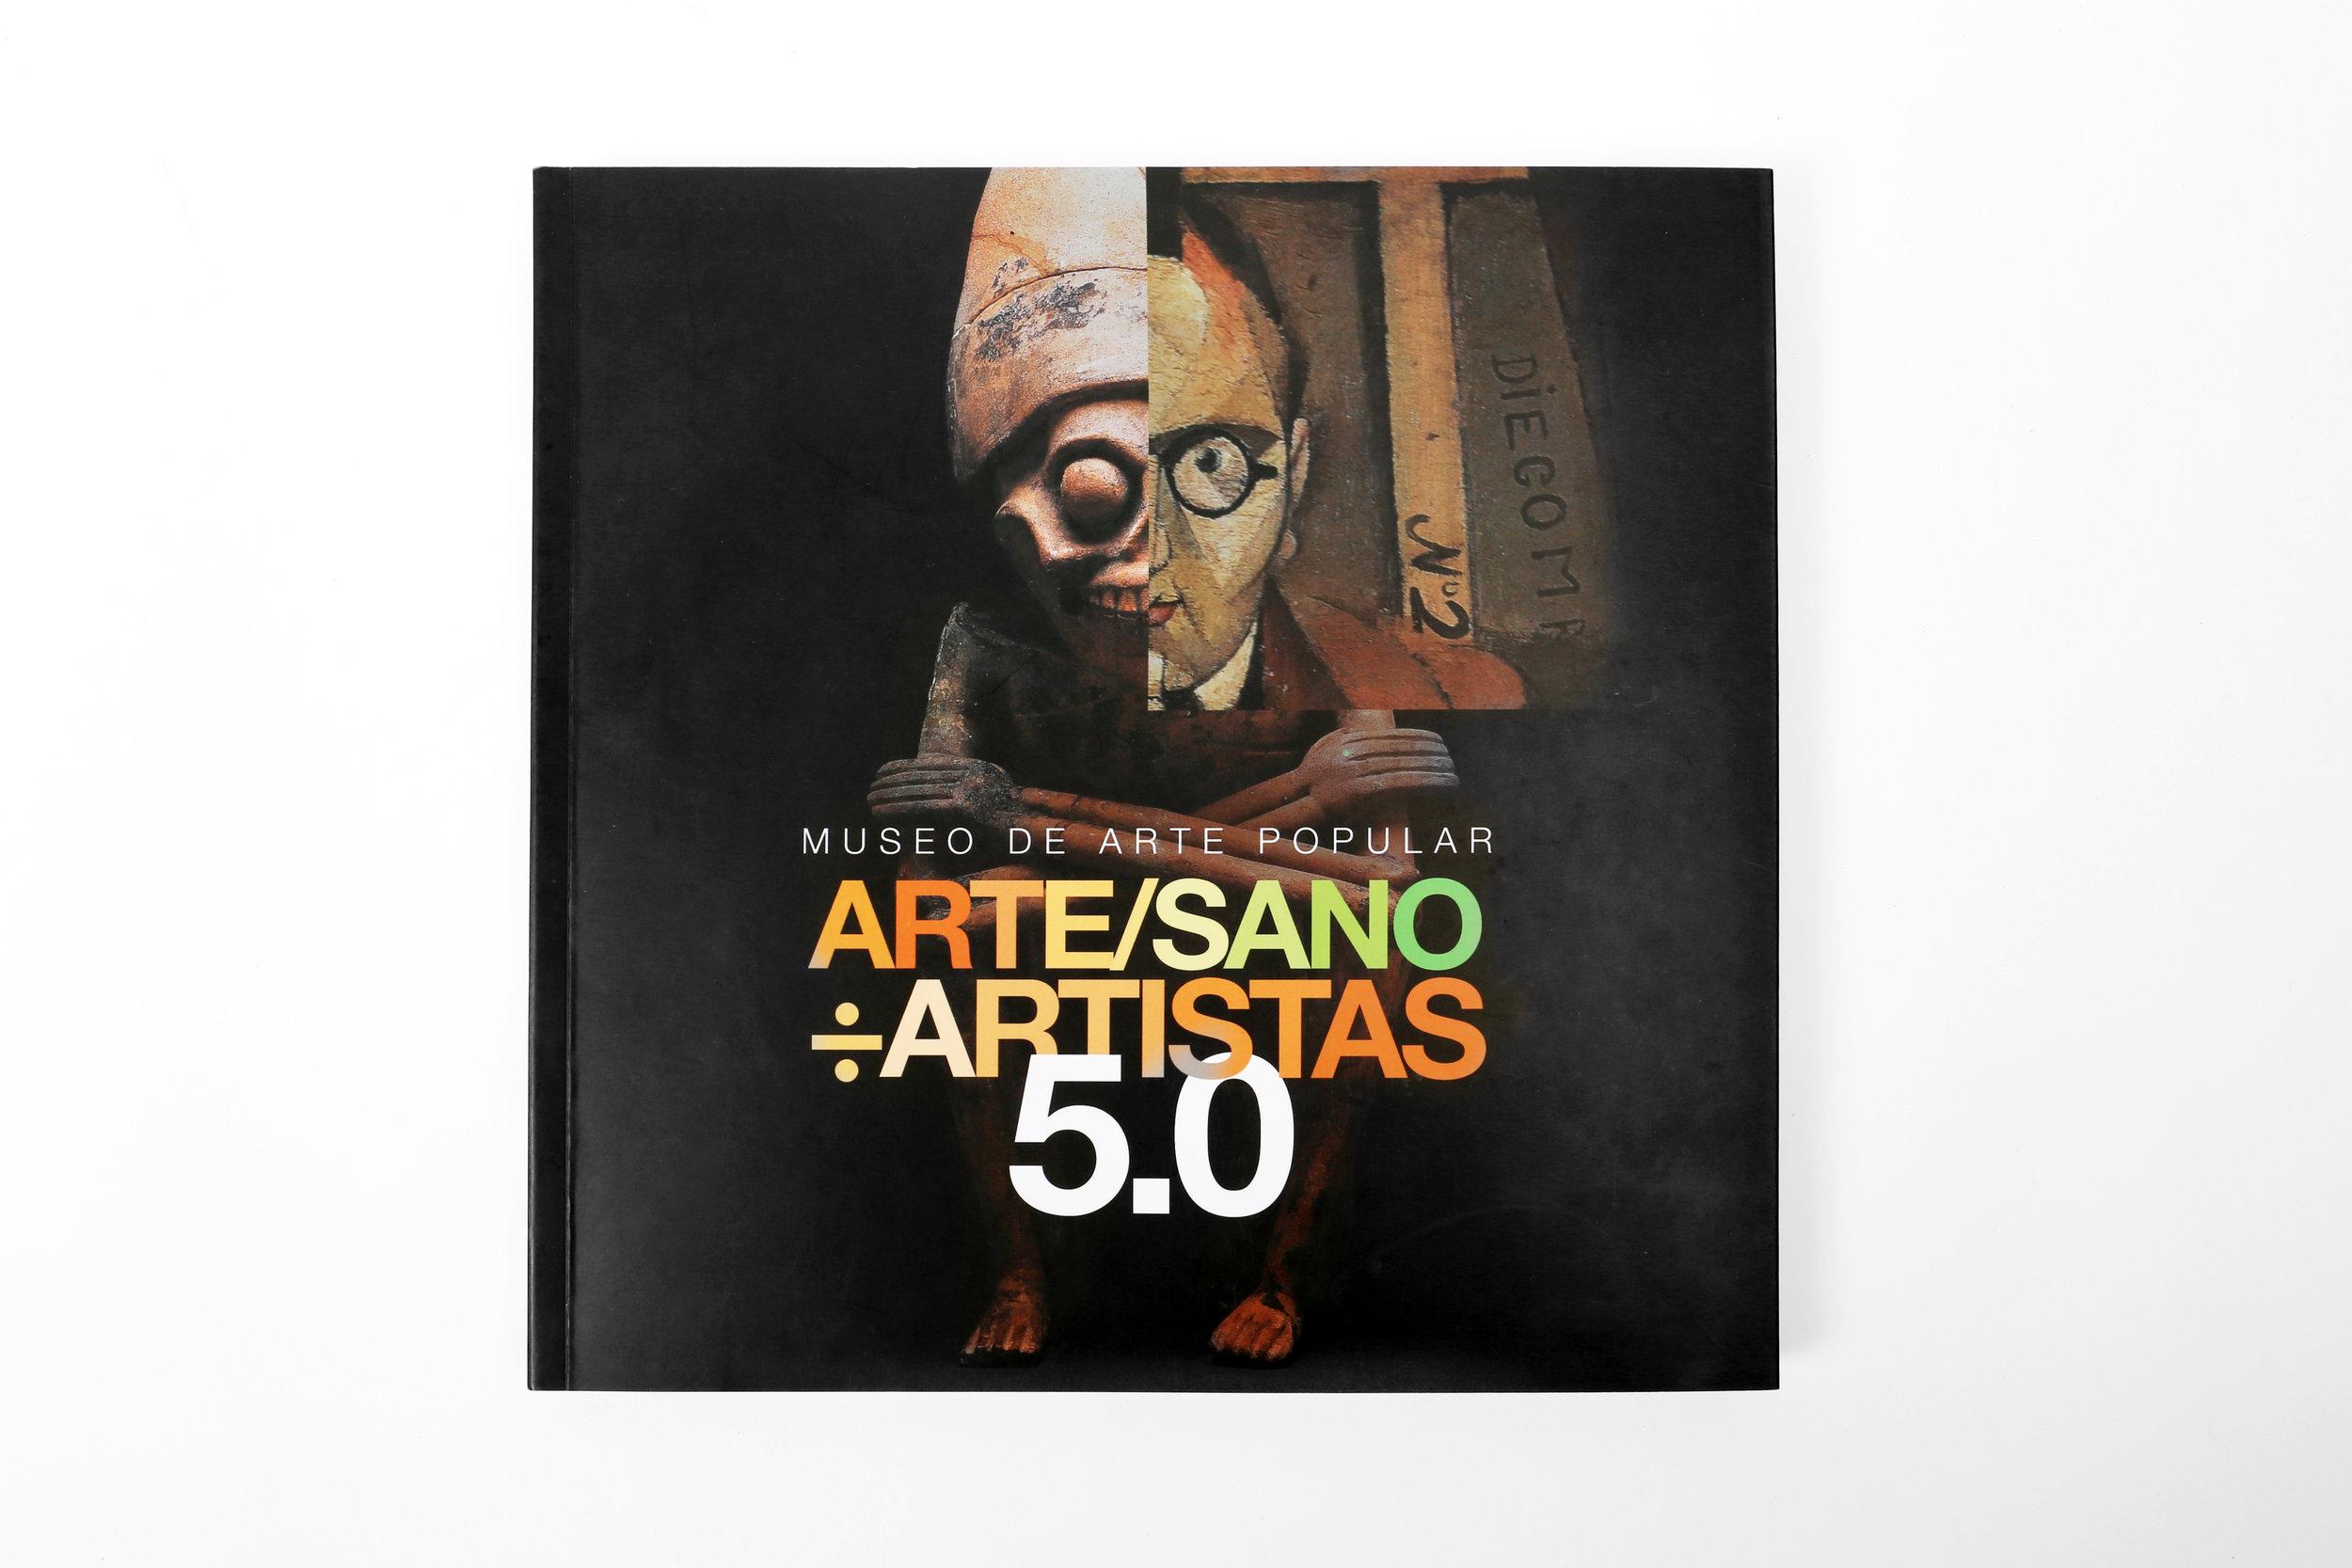 Arte/Sano % Artistas 5.0